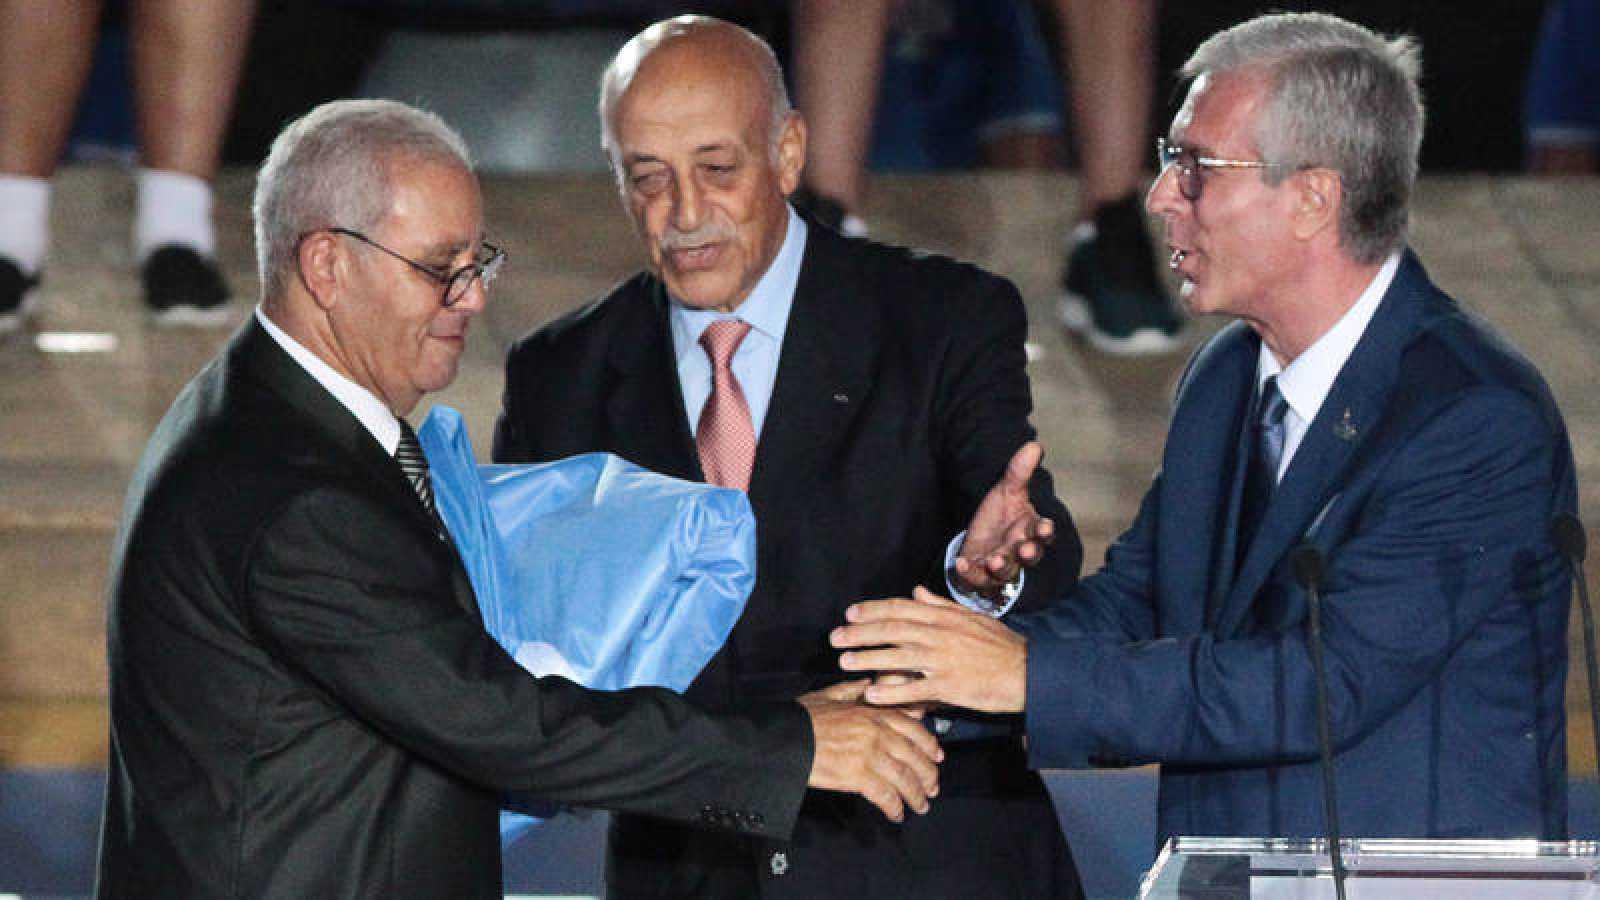 El alcalde de Tarragona, Félix Ballesteros (d), entrega la bandera de los juegos al alcalde de Orán, Noureddine Boukhatem (i)